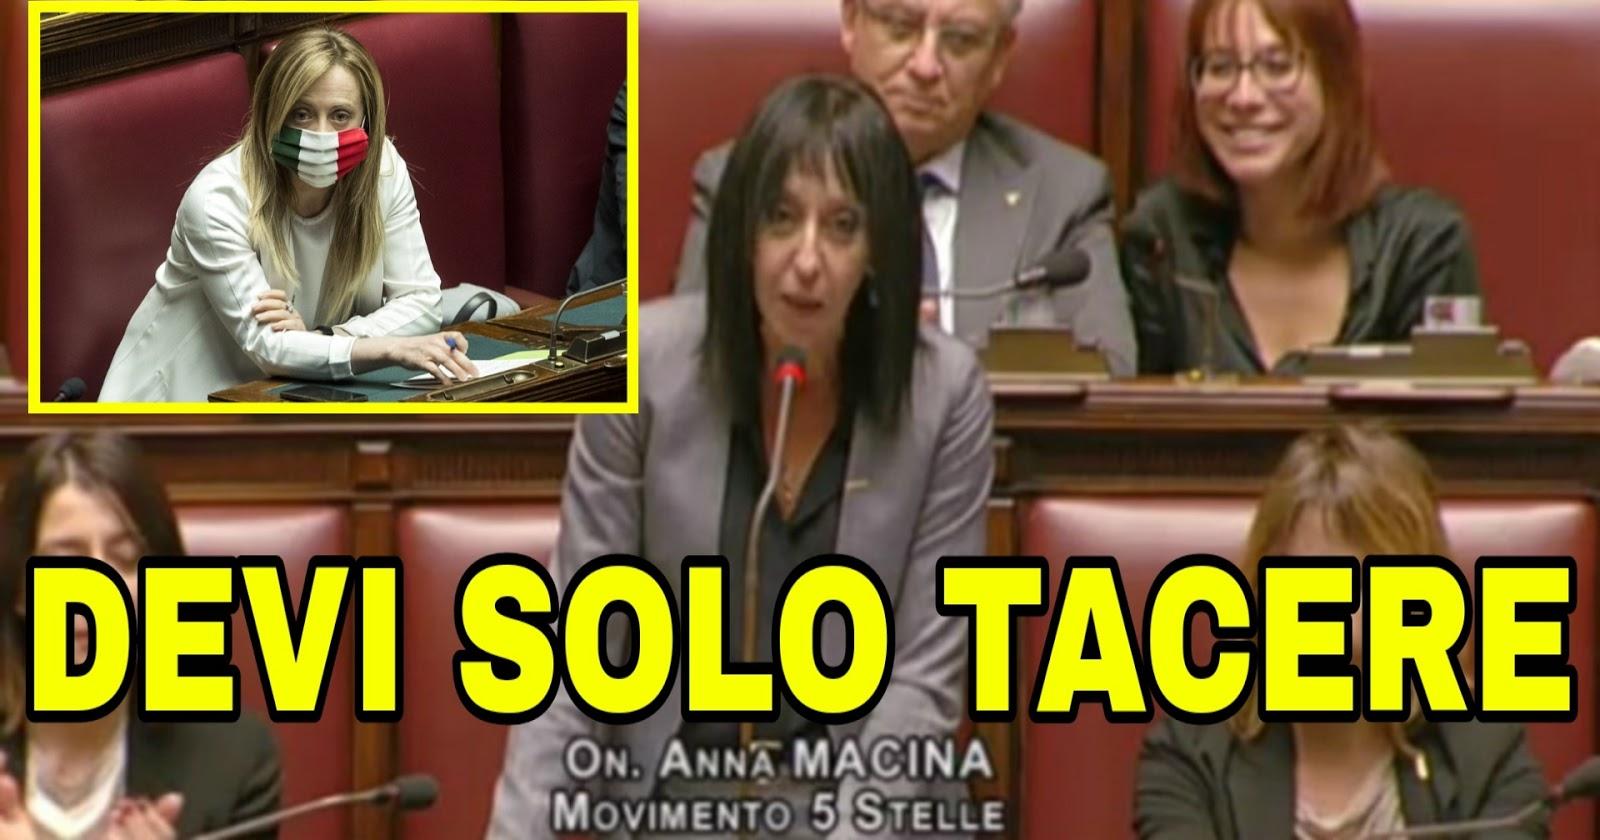 La 5Stelle umilia Giorgia Meloni: «Sul reddito di cittadinanza dovrebbe solo tacere» e non deve offendere gli italiani che lo percepiscono.